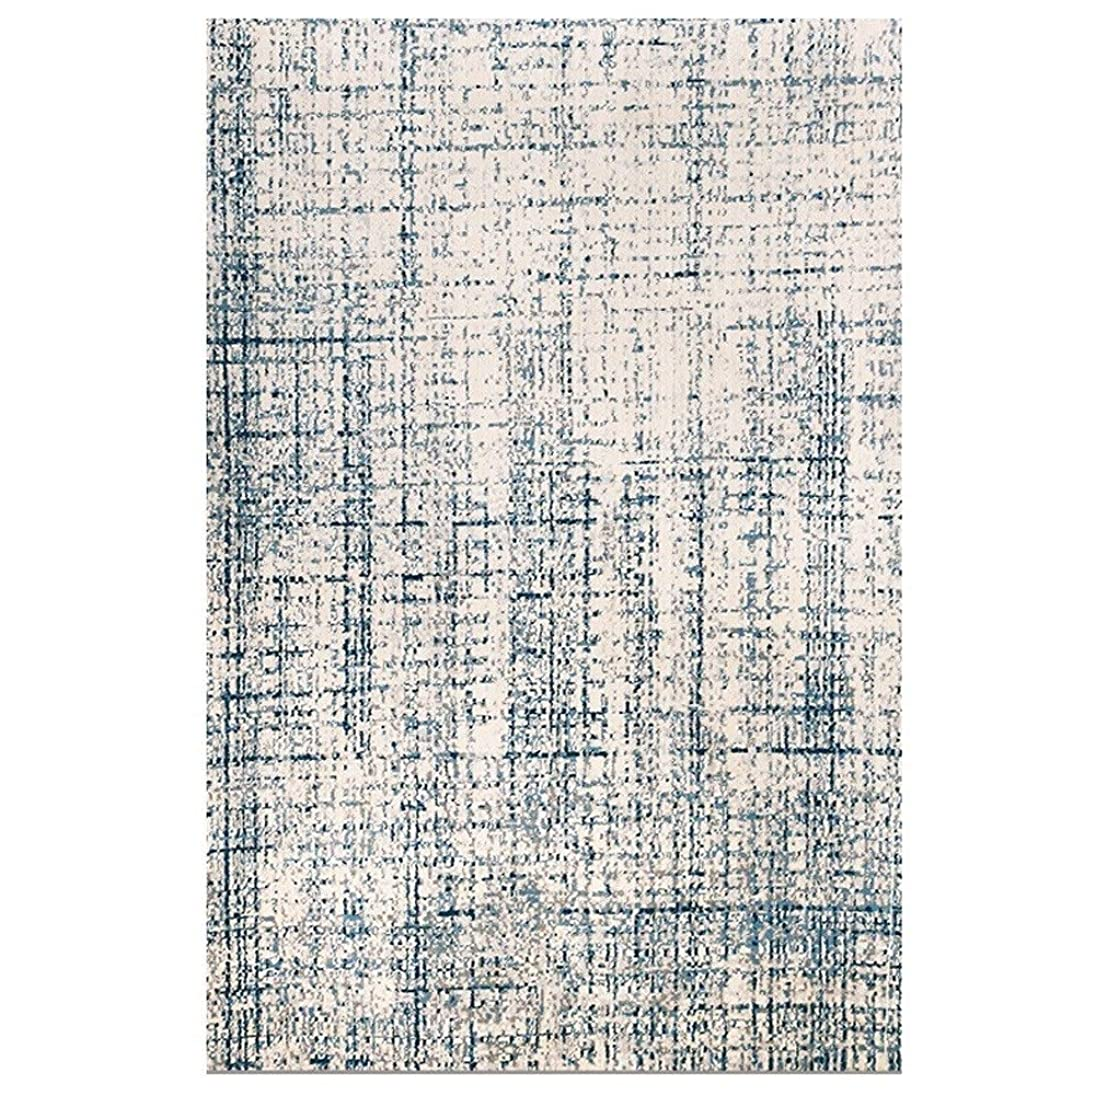 透過性パドル類似性ラグリビングルーム、ヘアリーインテンシブパイルウールノルディックメタルスタイルはモダンでシンプルです。リビングルームのコーヒーテーブル寝室面積カーペット (Color : C, Size : 160×230CM)